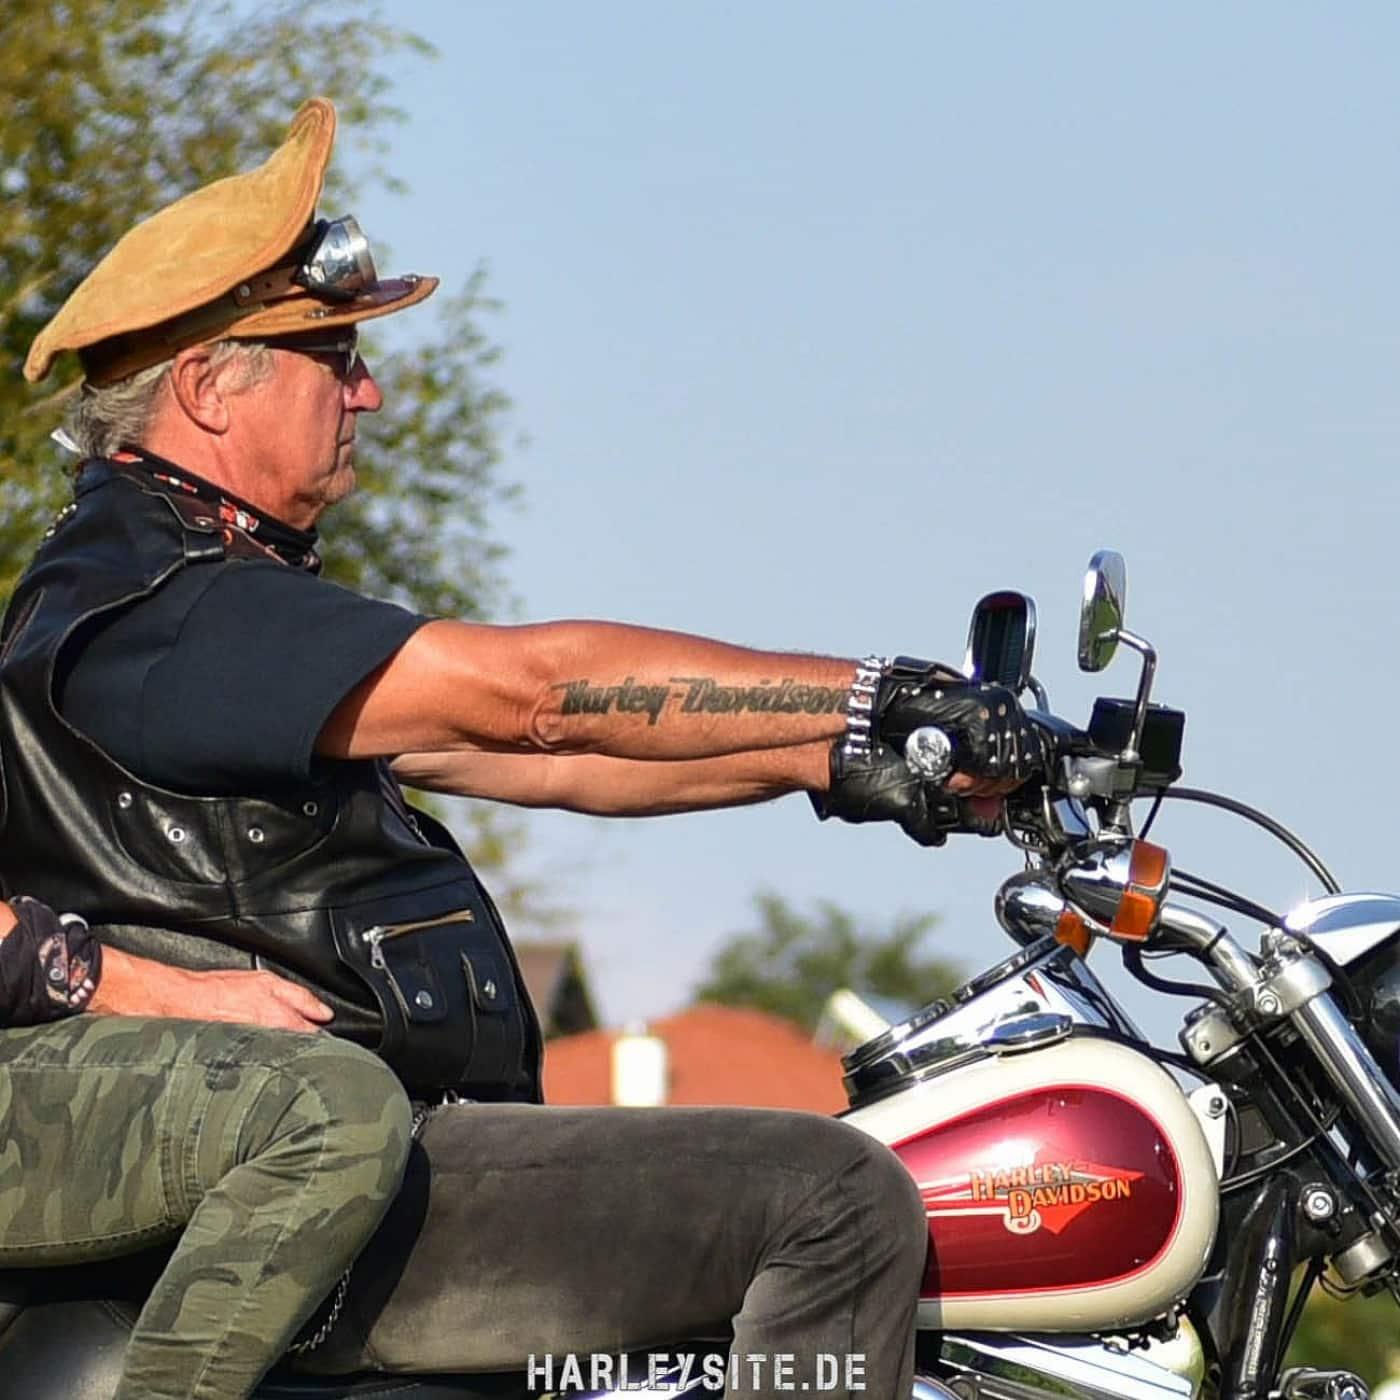 Berlin und Villach bewerben sich als Produktionsstätte für Harley-Davidson